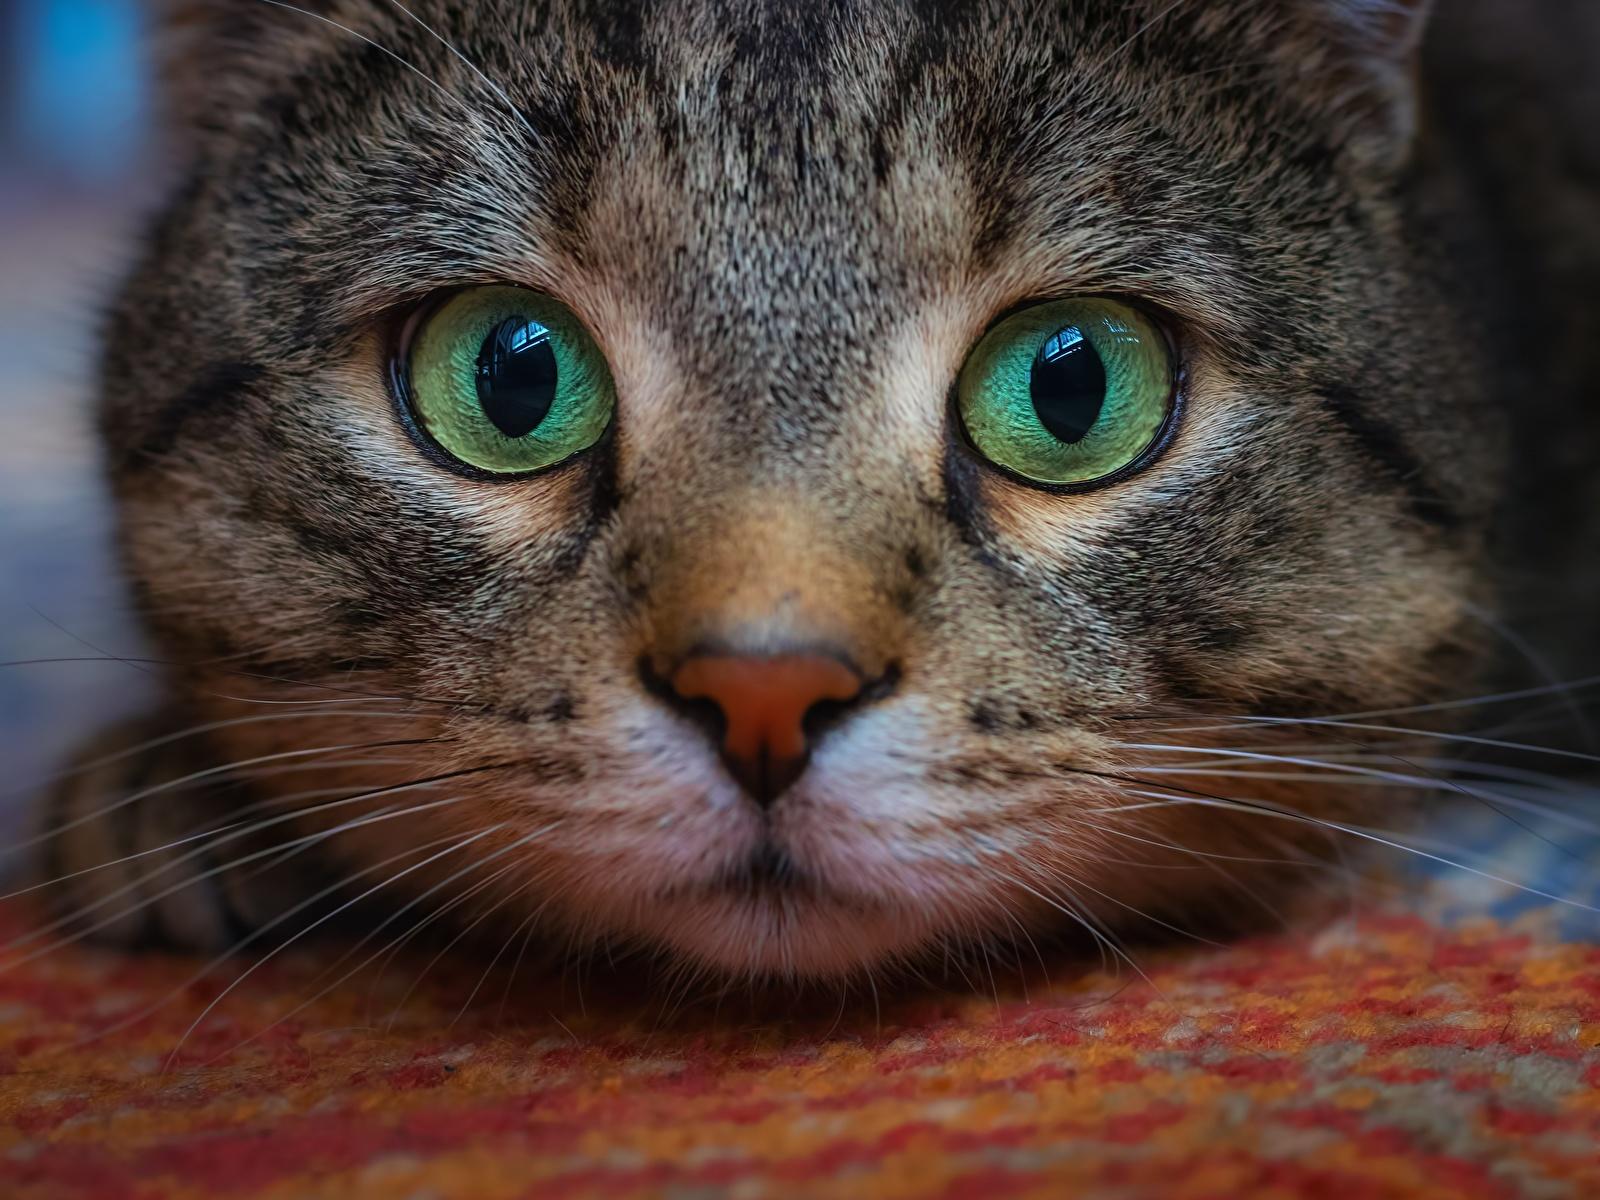 Обои для рабочего стола кошка Глаза Усы Вибриссы Морда Взгляд Животные 1600x1200 кот коты Кошки морды смотрит смотрят животное